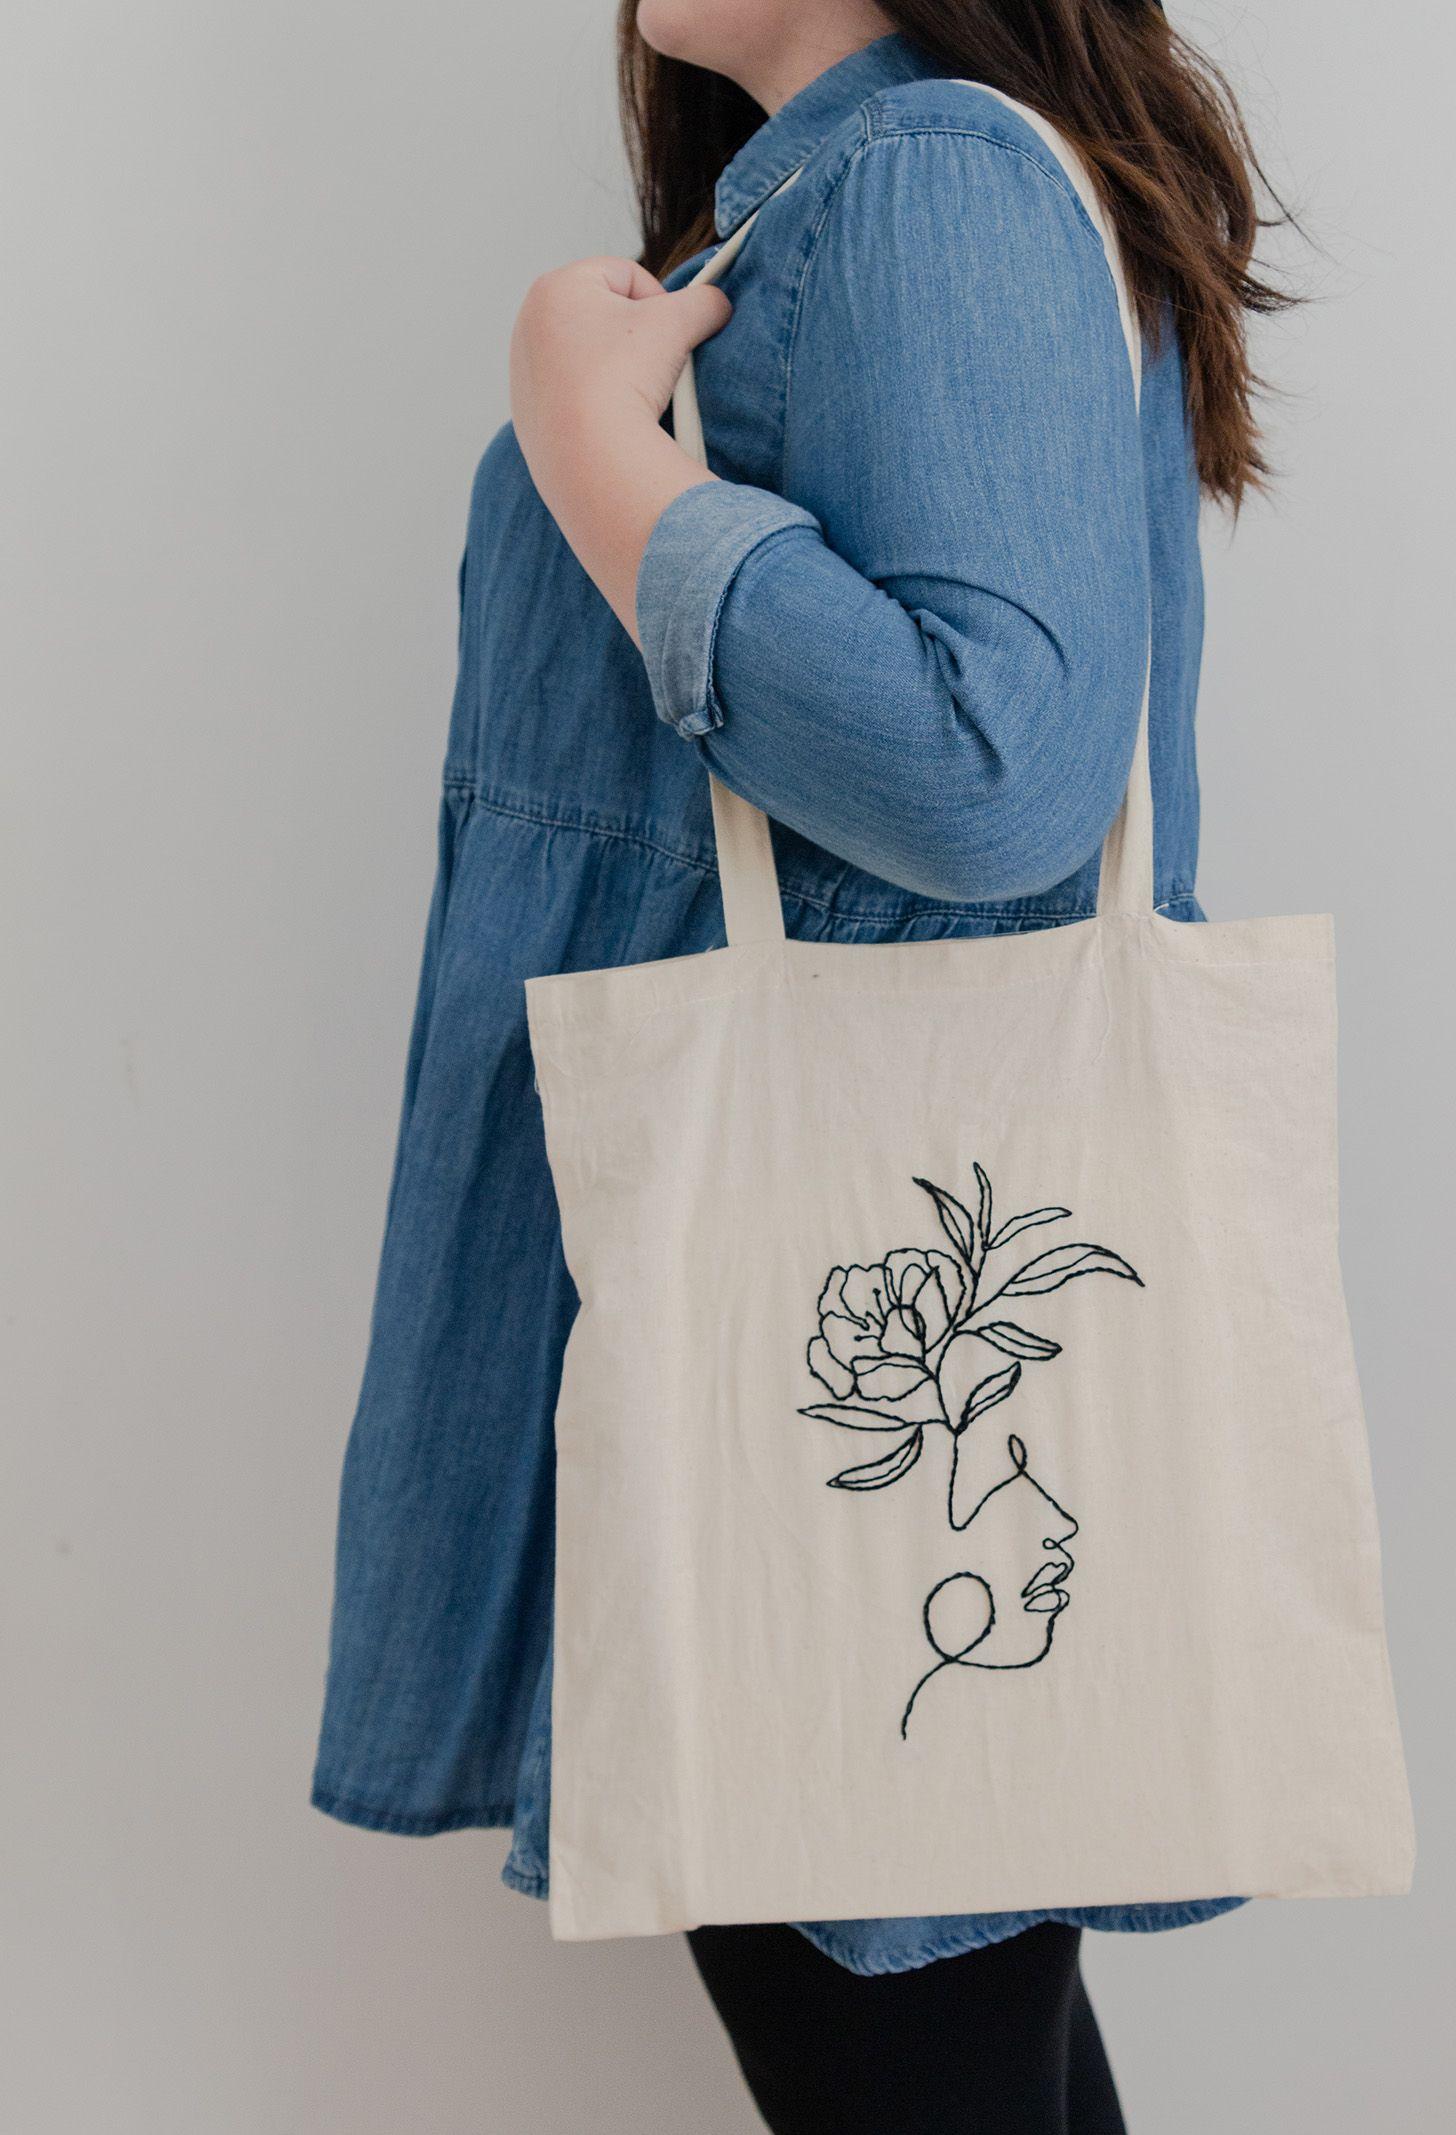 Bordar la bolsa de tela con arte lineal  – Bolsa de moda